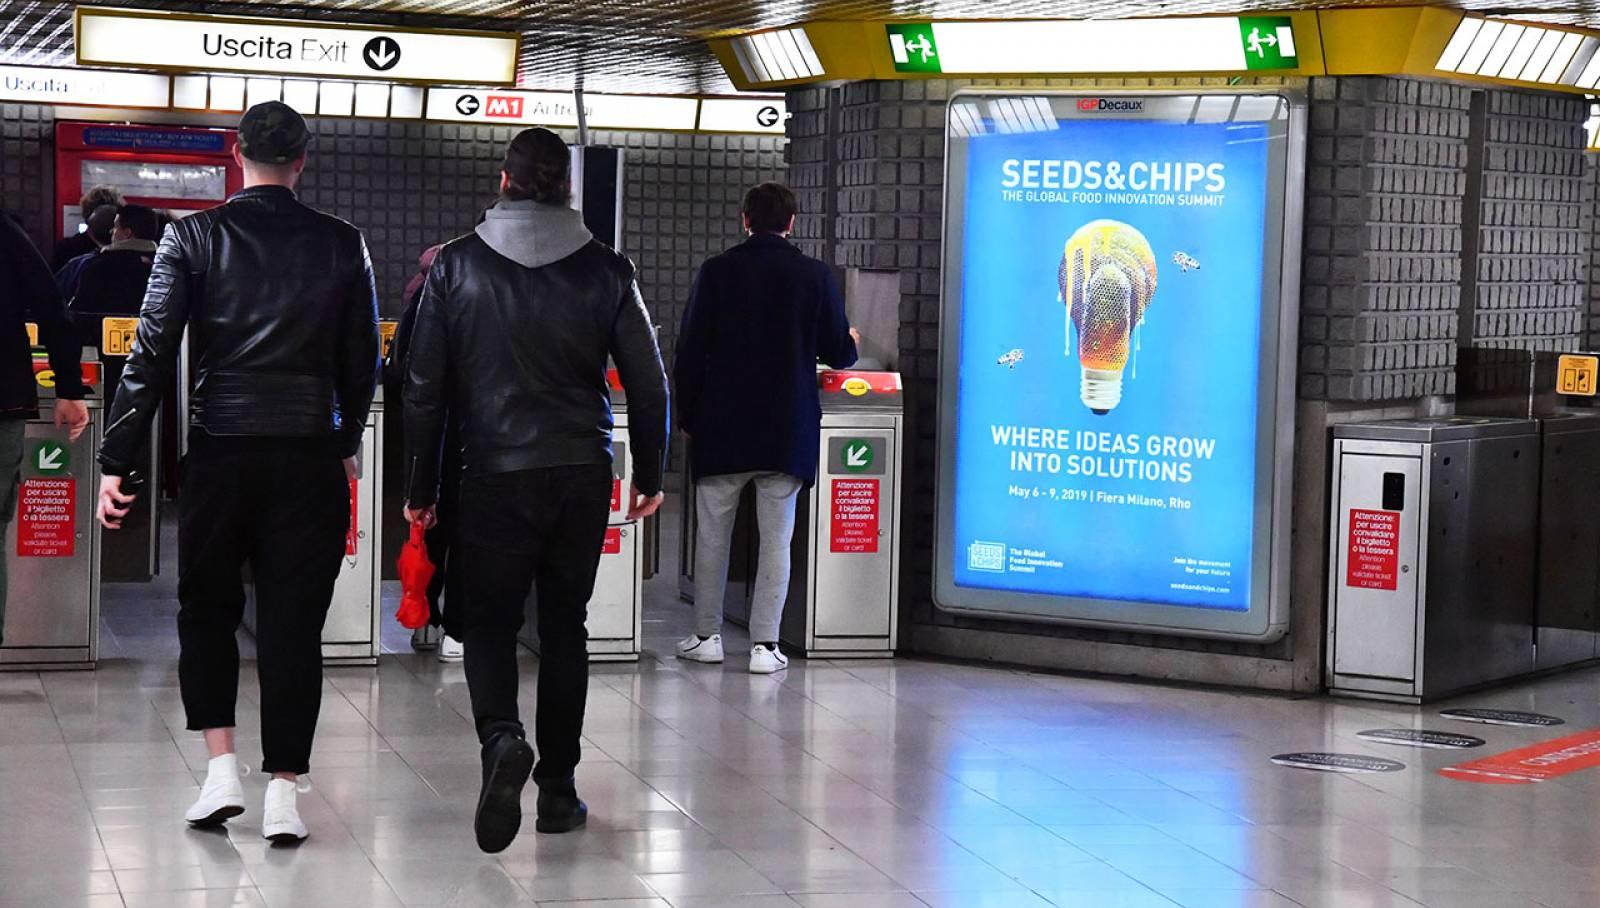 Pubblicità metro Milano IGPDecaux circuito a copertura portrait per Seeds&Chips